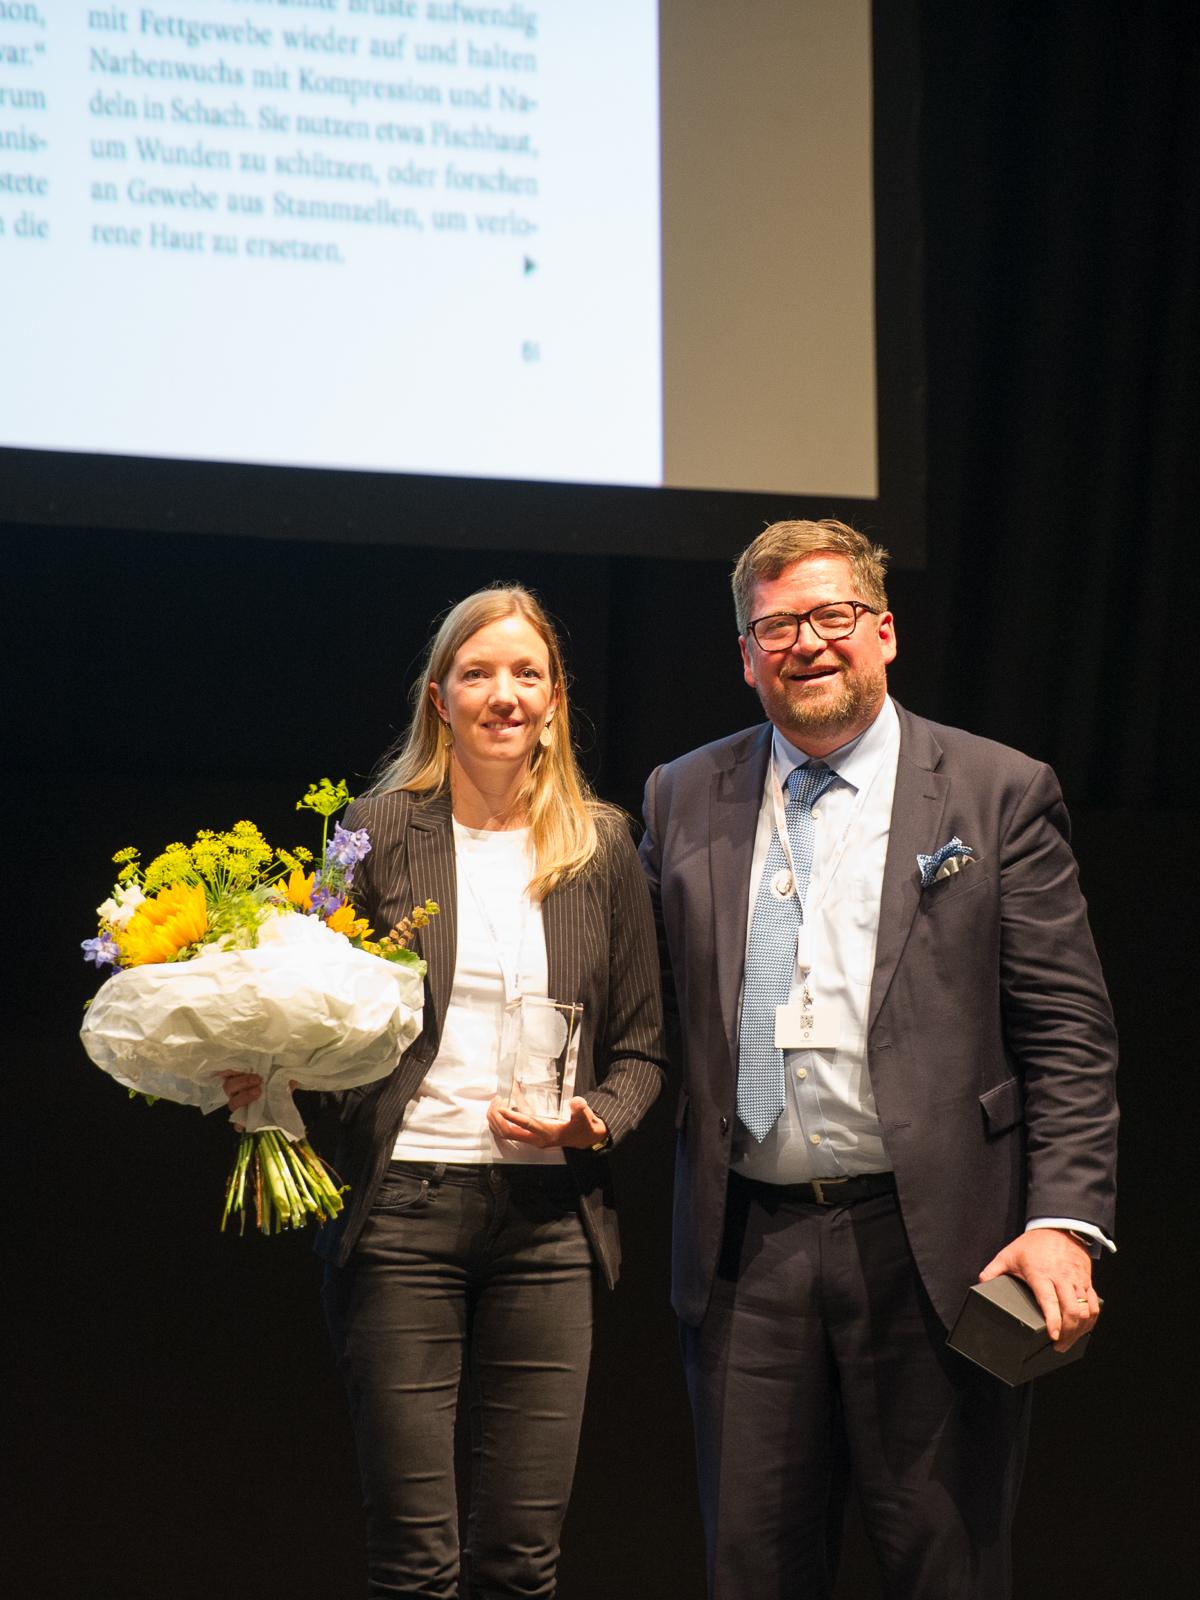 Sina Horsthemke bei der Preisverleihung der Deutschen Gesellschaft der Plastischen, Rekonstruktiven und Ästhetischen Chirurgen